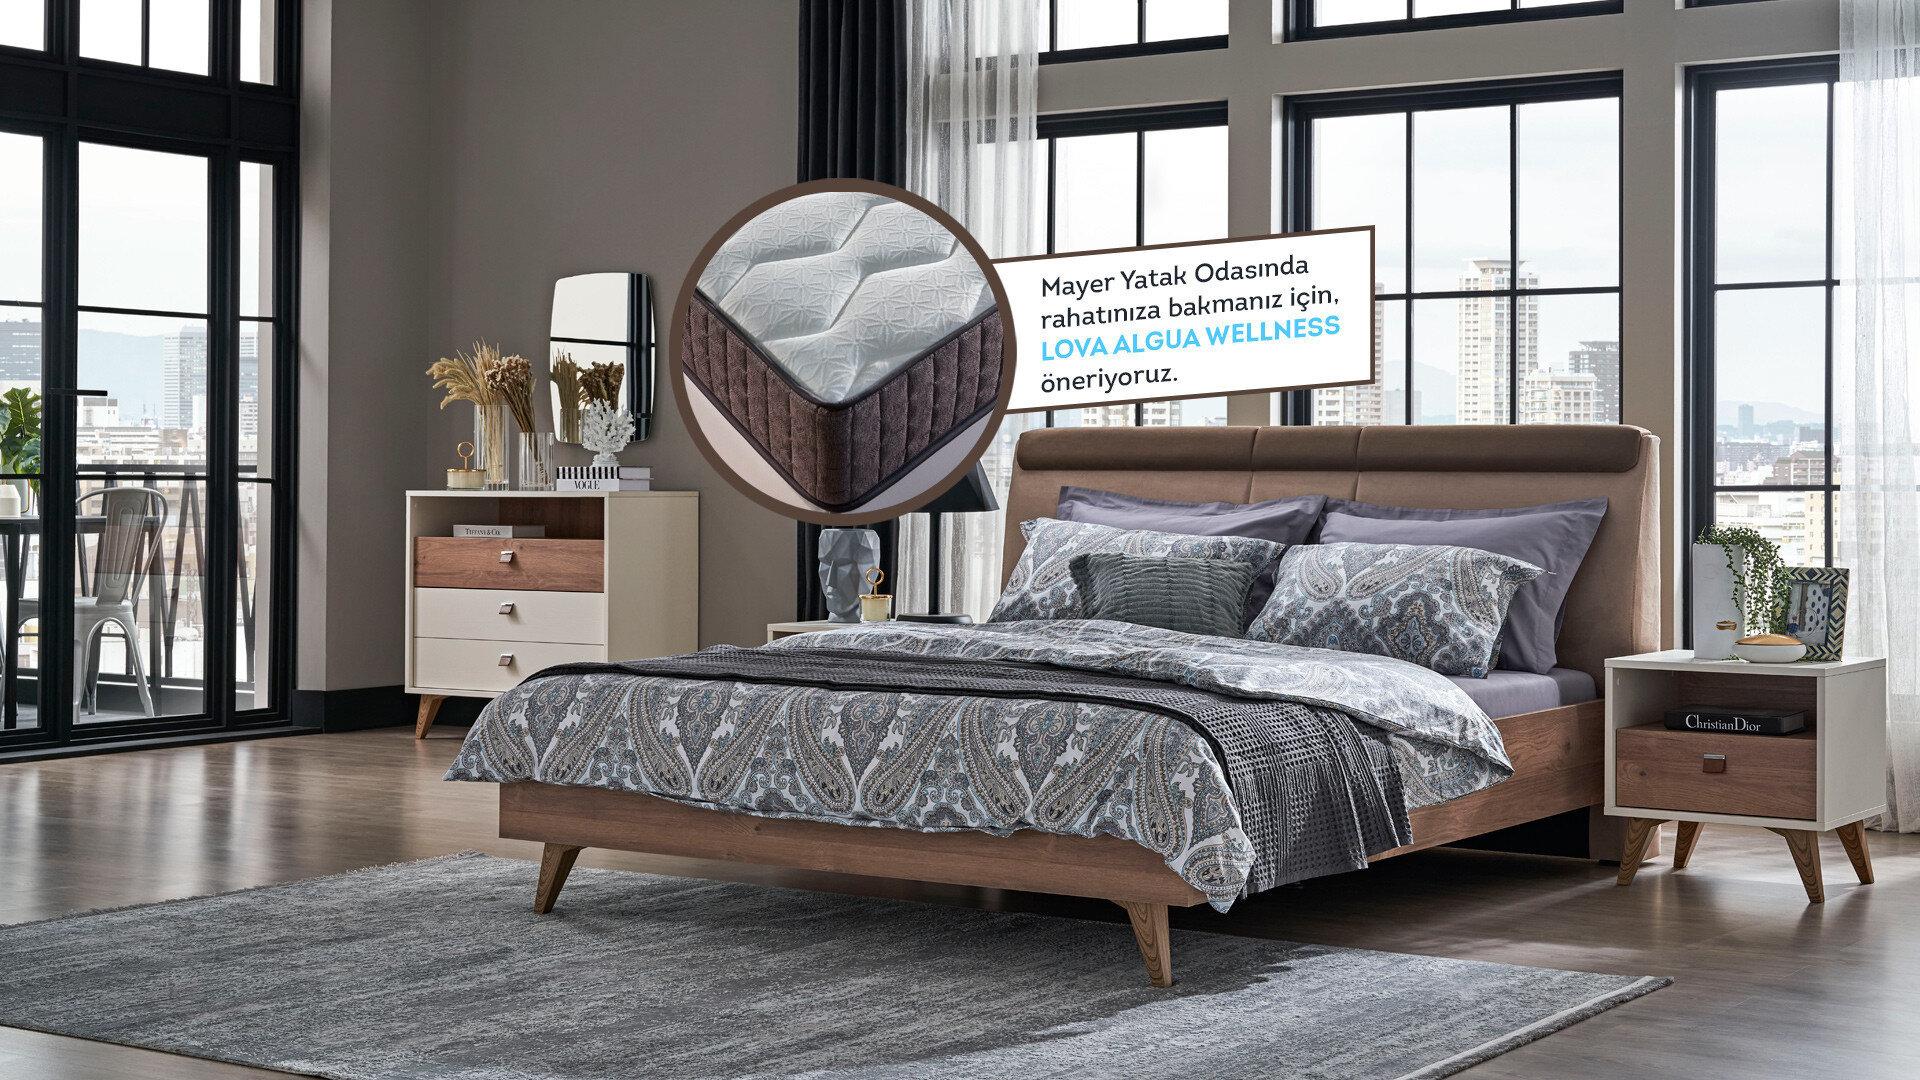 Mayer Yatak Odası